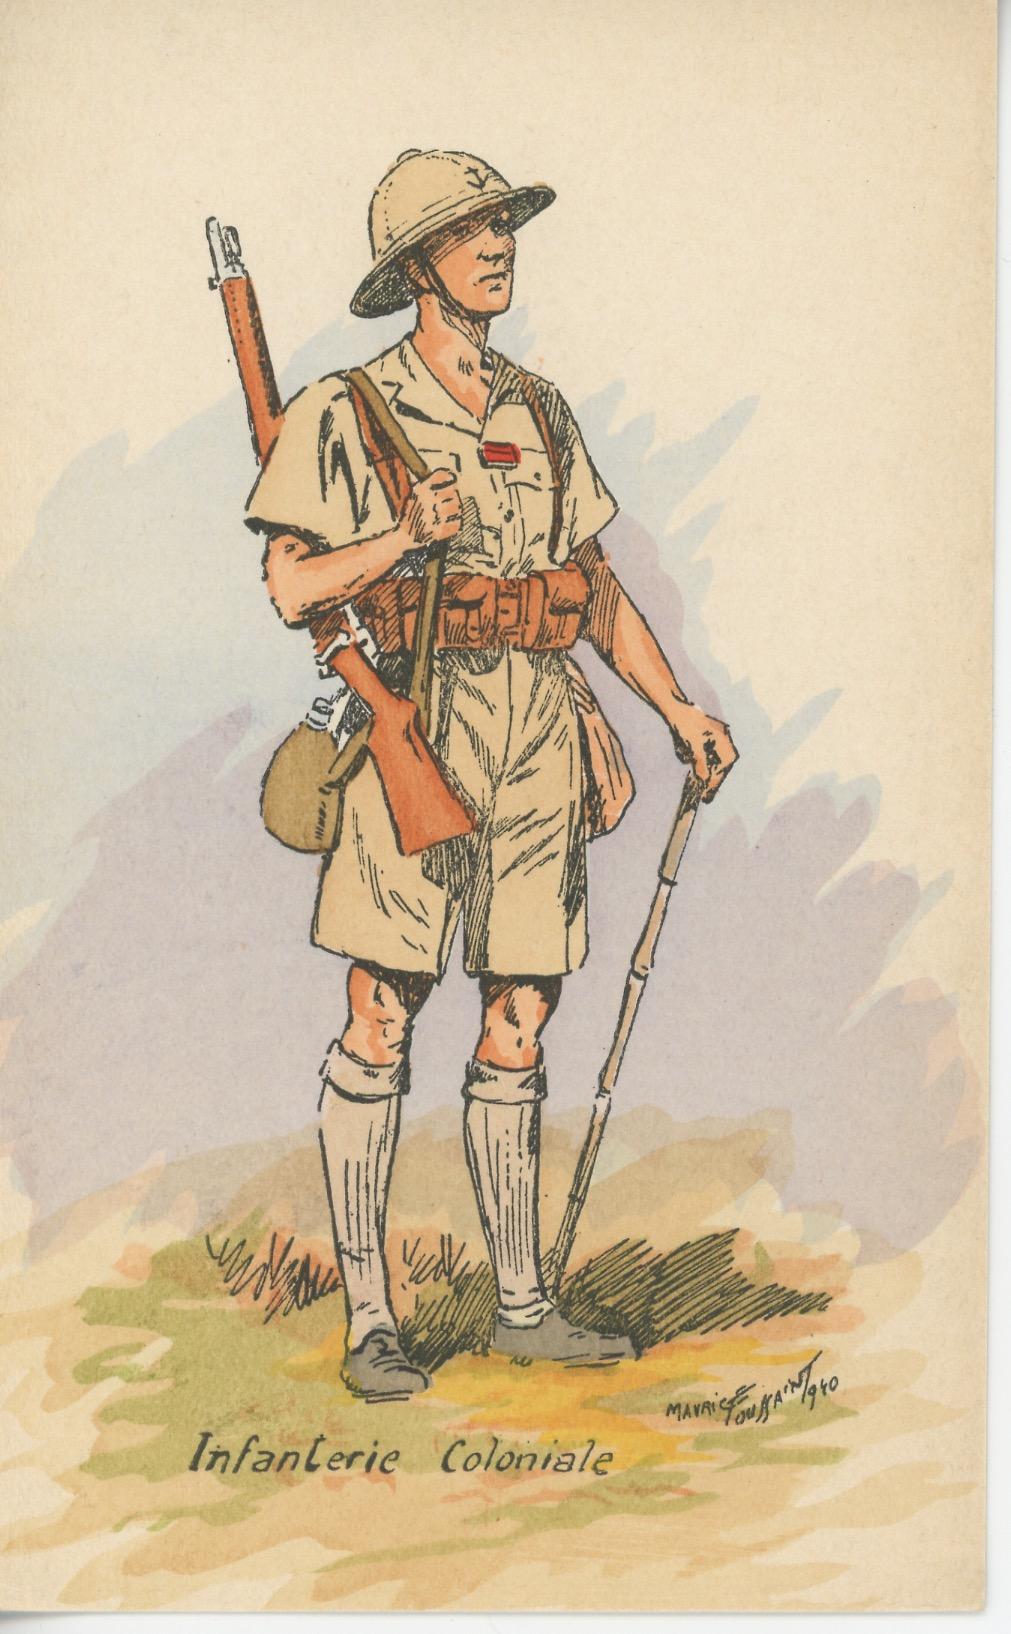 Carte Postale Illustrée - Maurice Toussaint - Edition Militaire Illustrées - Infanterie Coloniale - 1940